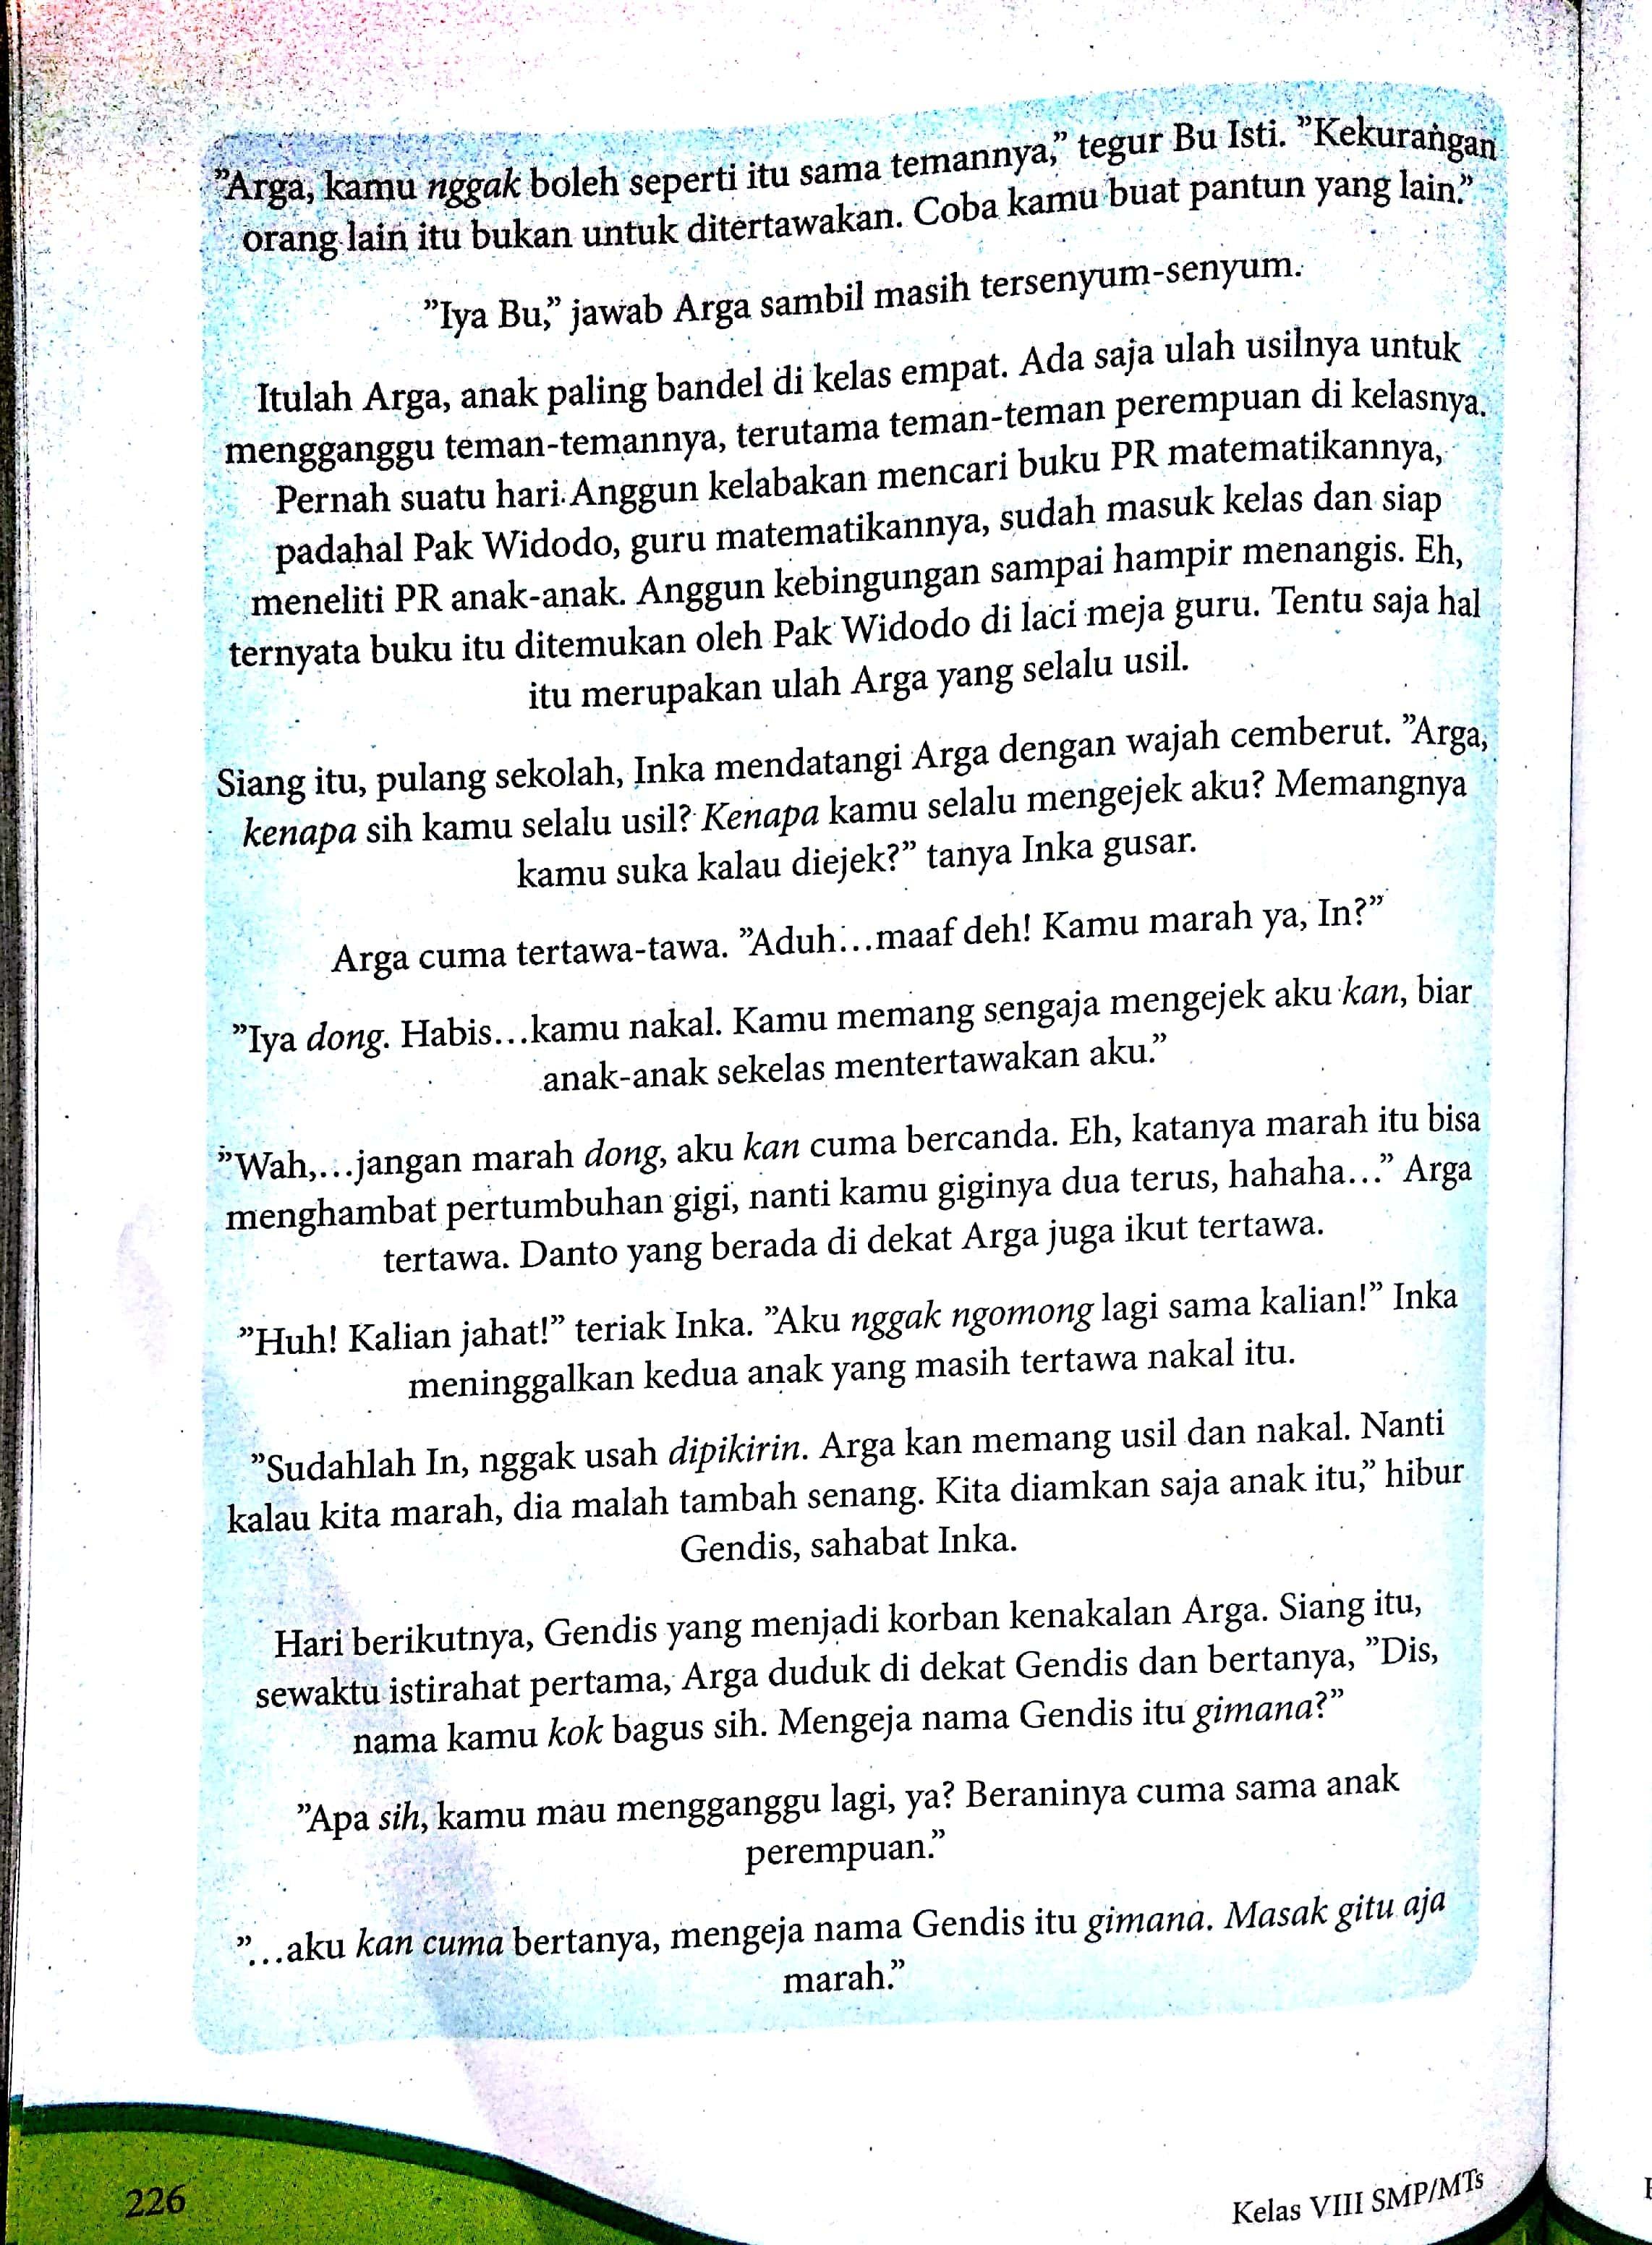 Kegiatan 8.8 Bahasa Indonesia Kelas 8 Halaman 224 : kegiatan, bahasa, indonesia, kelas, halaman, Paket, Bahasa, Indonesia, Kelas, Halaman